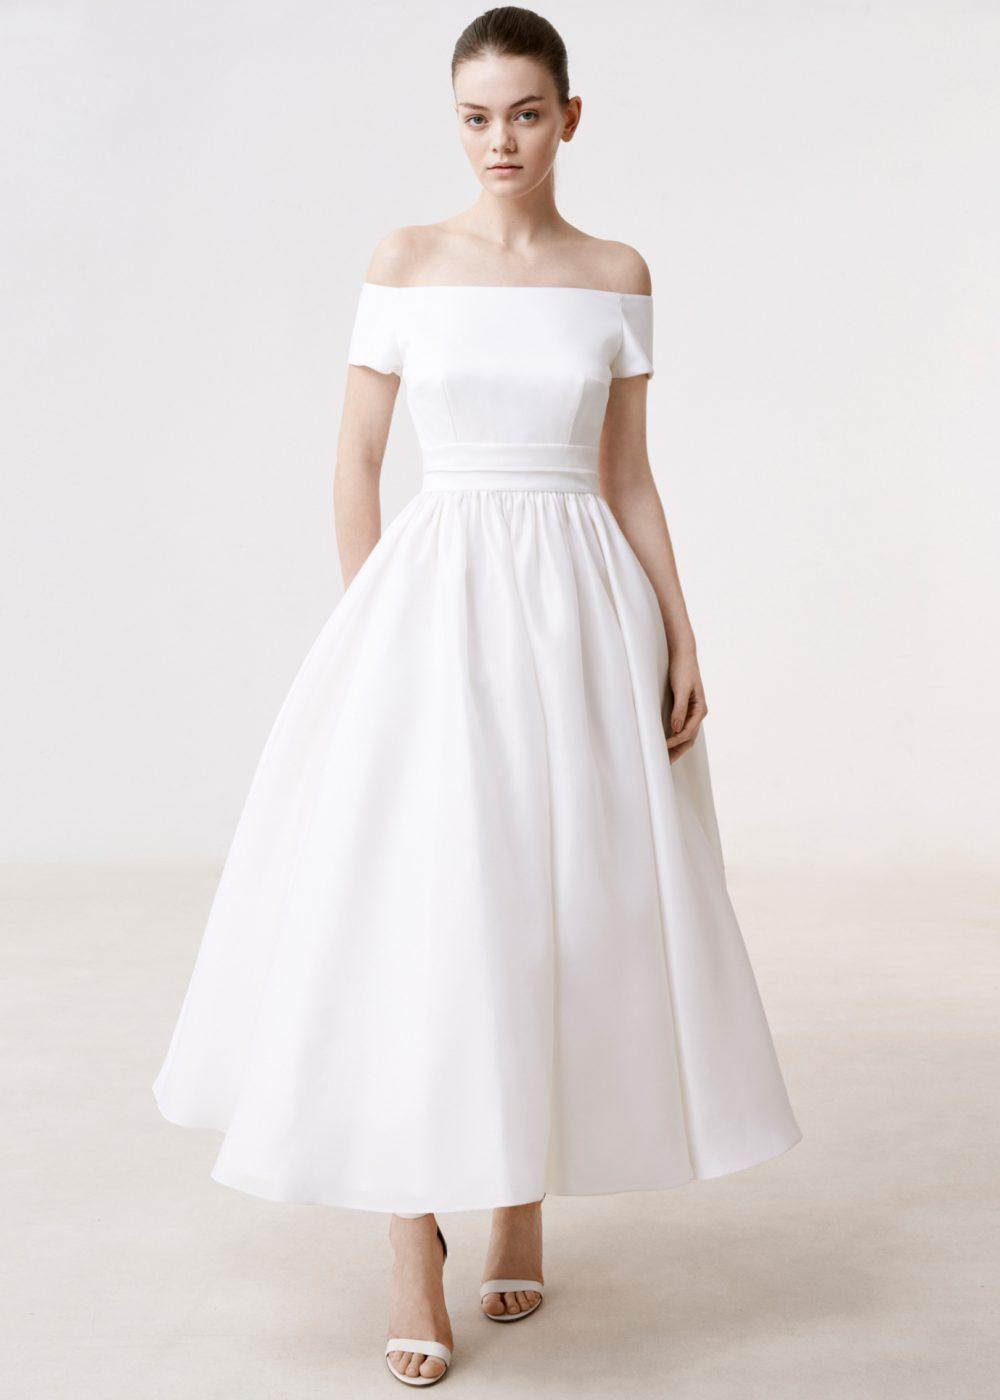 Harlon new bridal collection nouvelle collection mariée